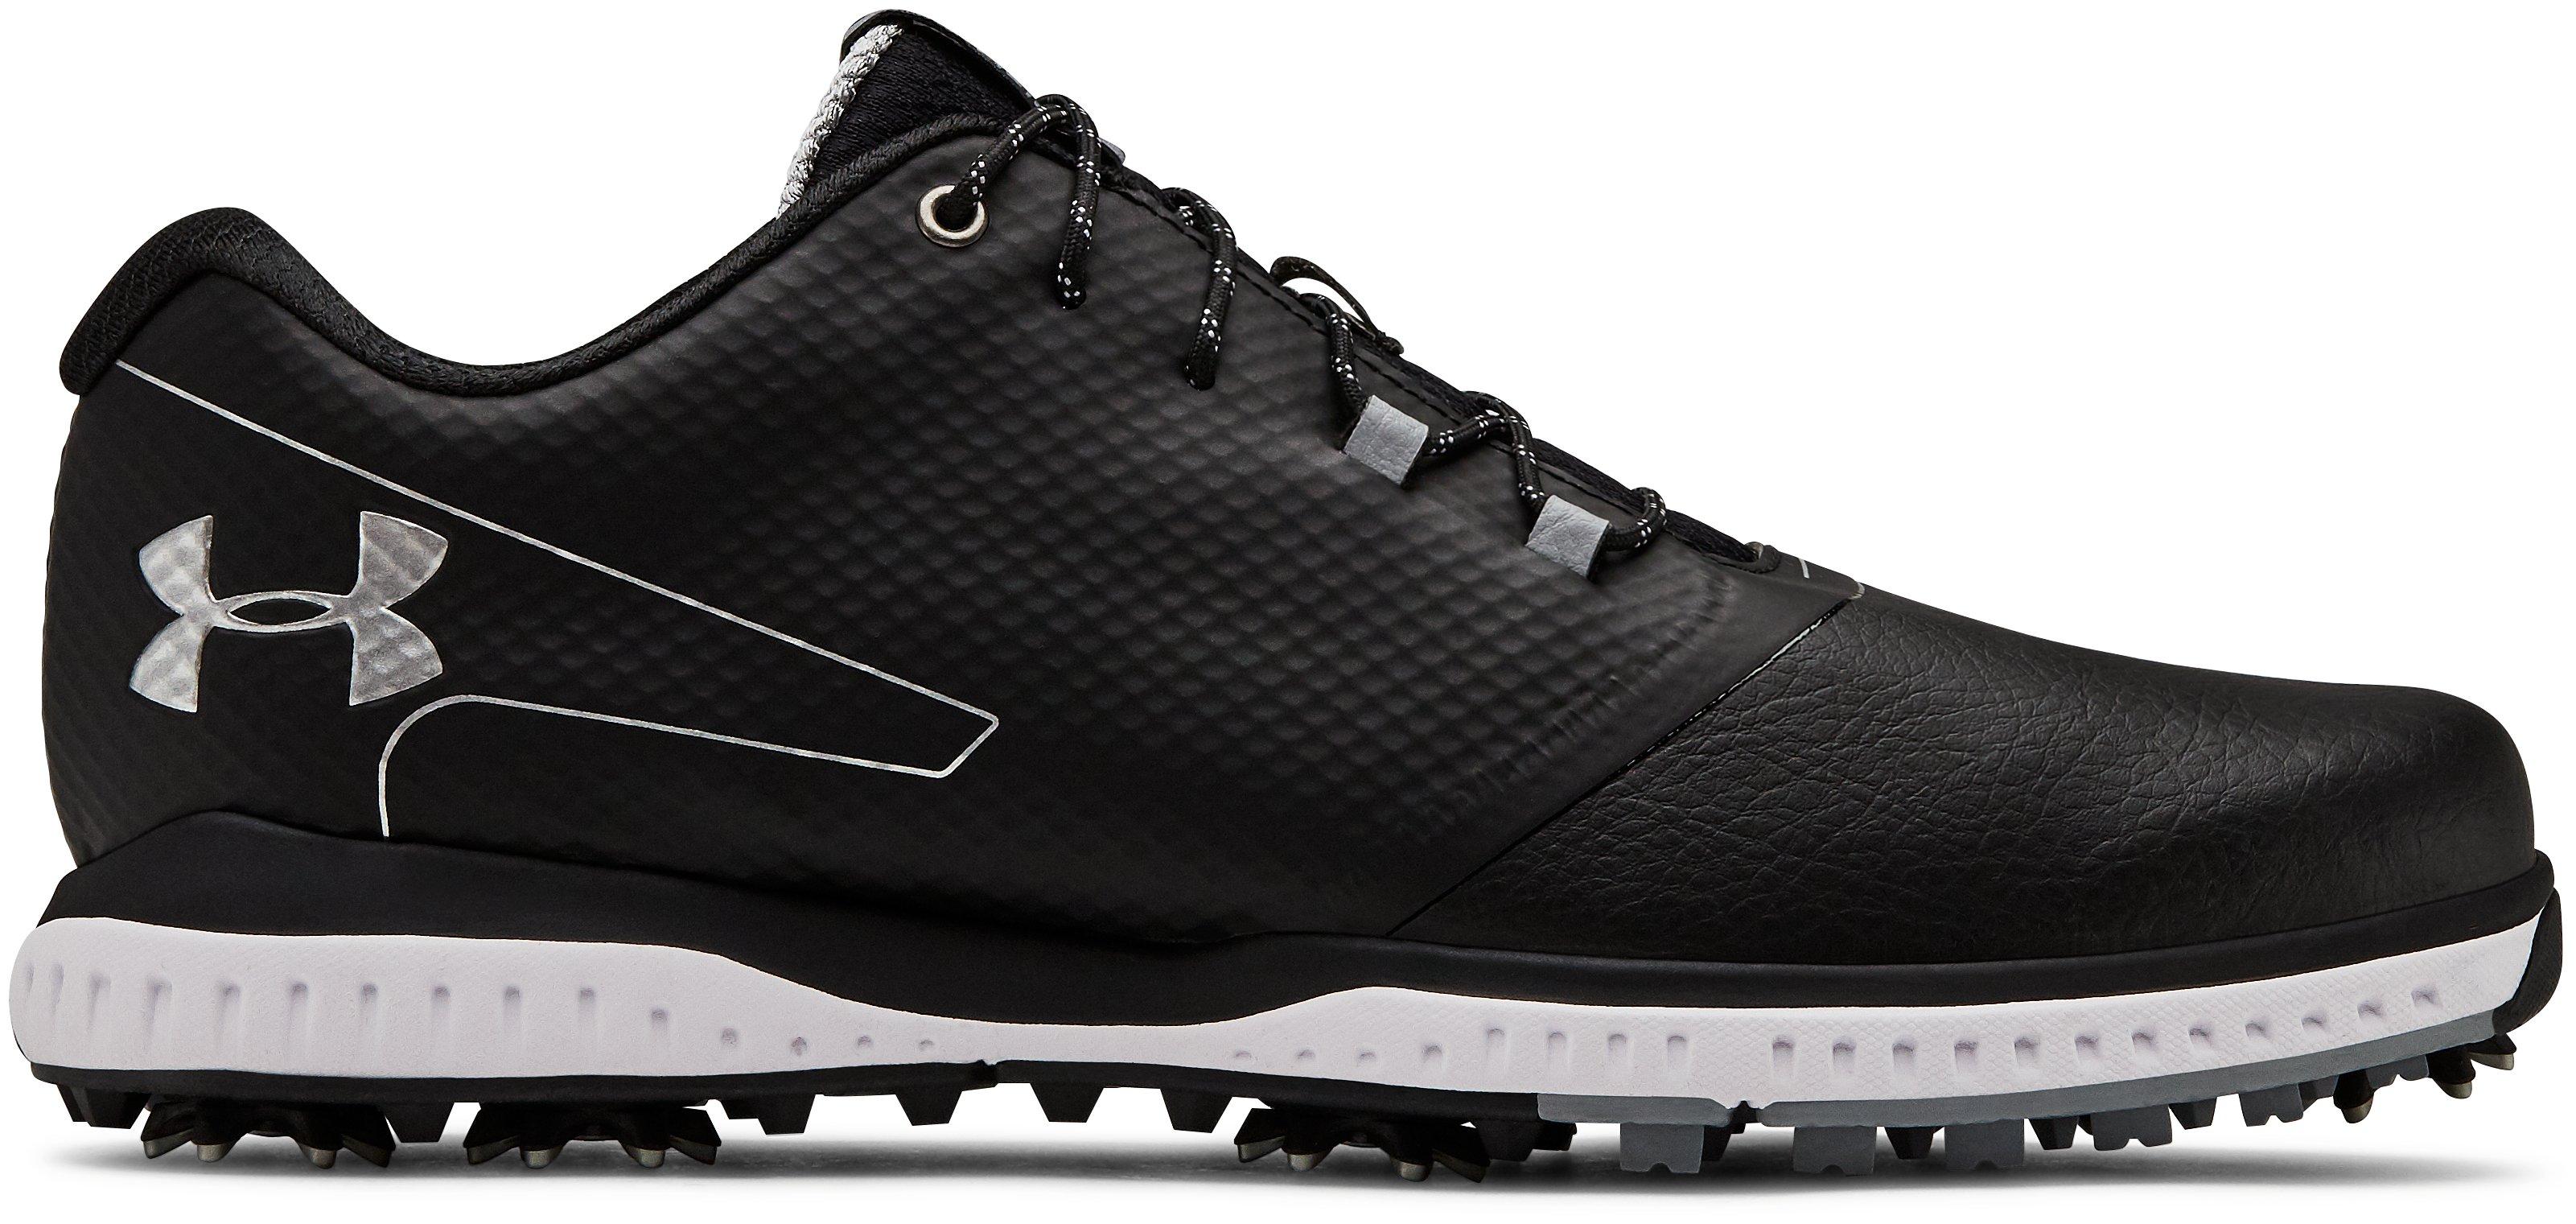 Sepatu Golf UA Fade RST 2 untuk Pria, 360 degree view